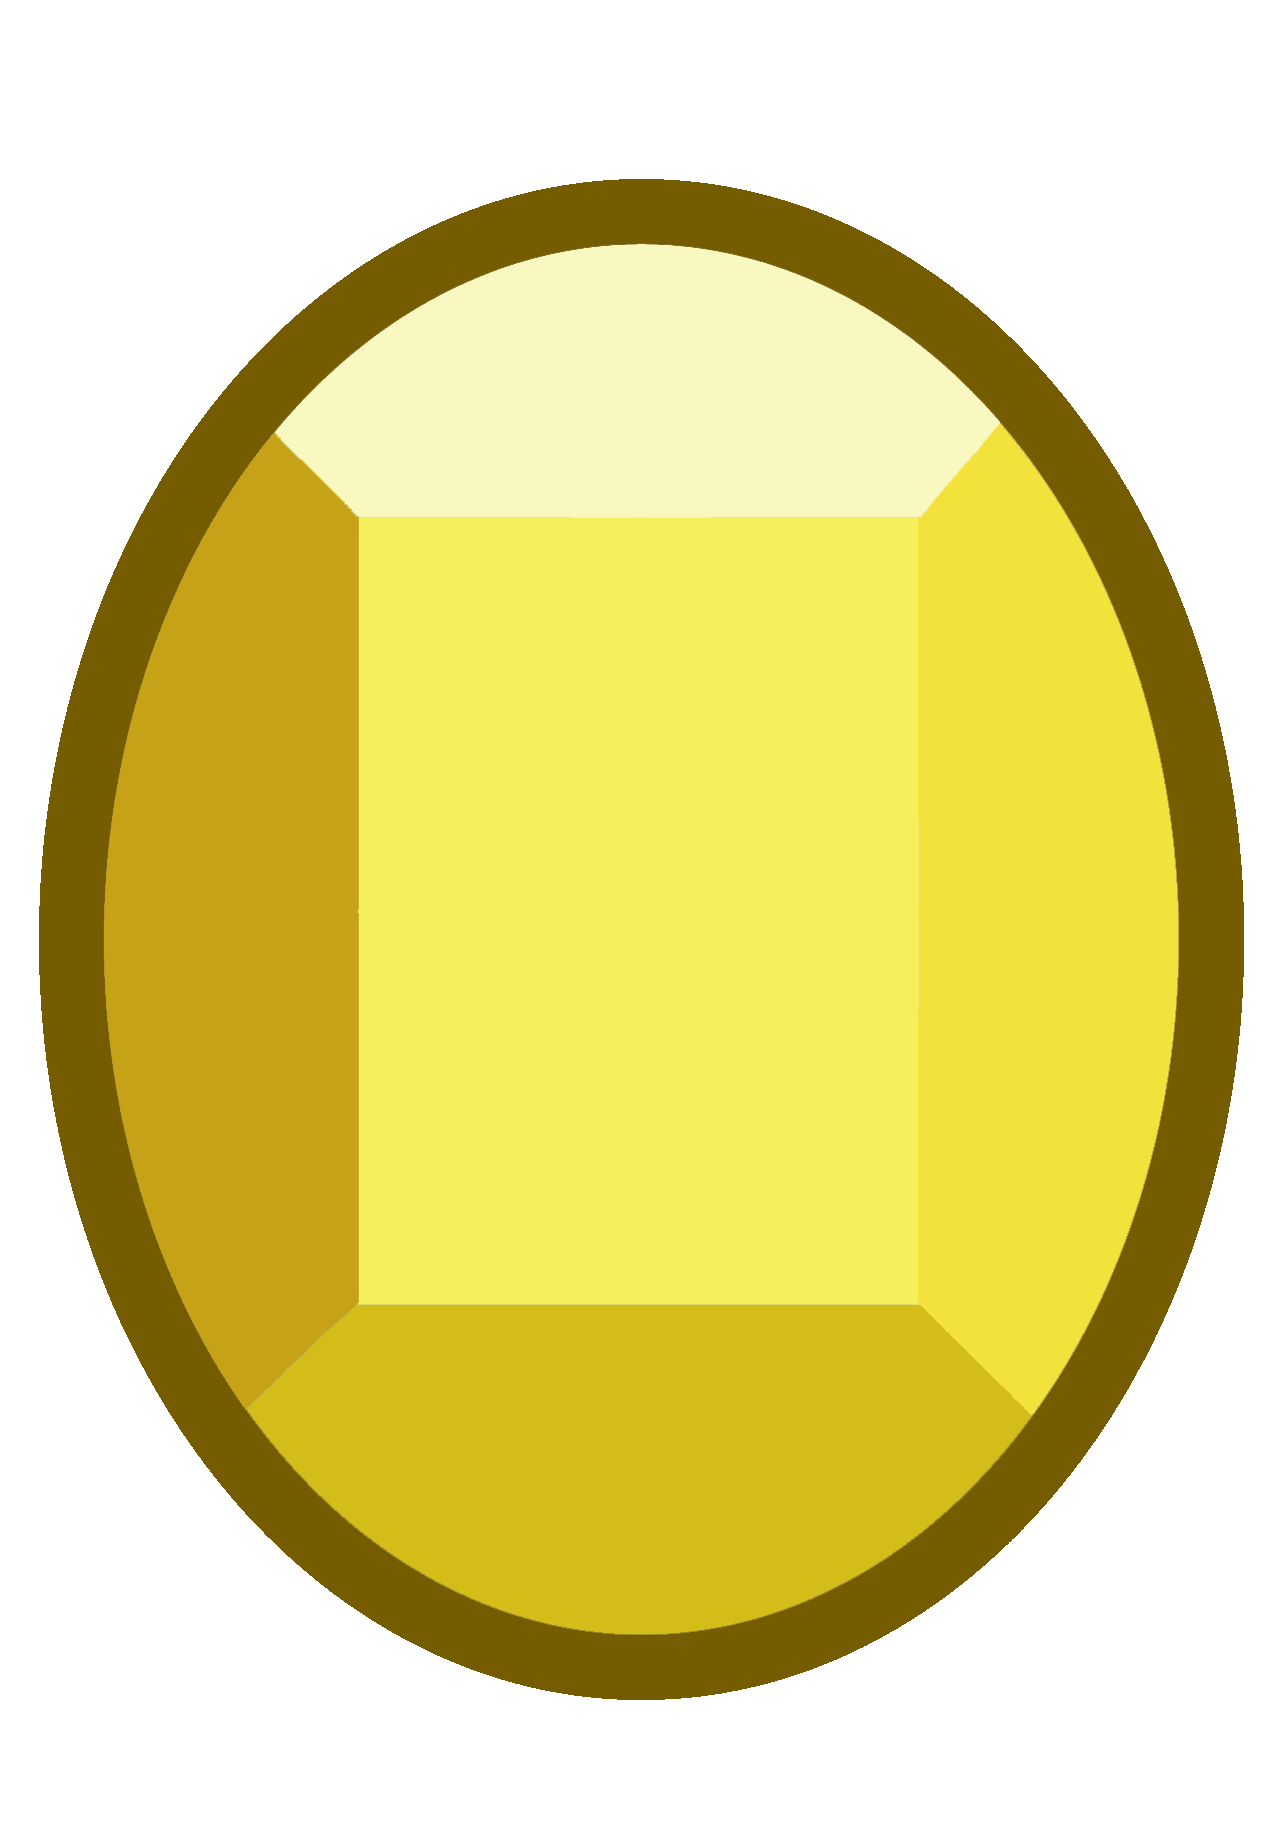 Gem clipart square gem. Orthoclase kjd wiki fandom